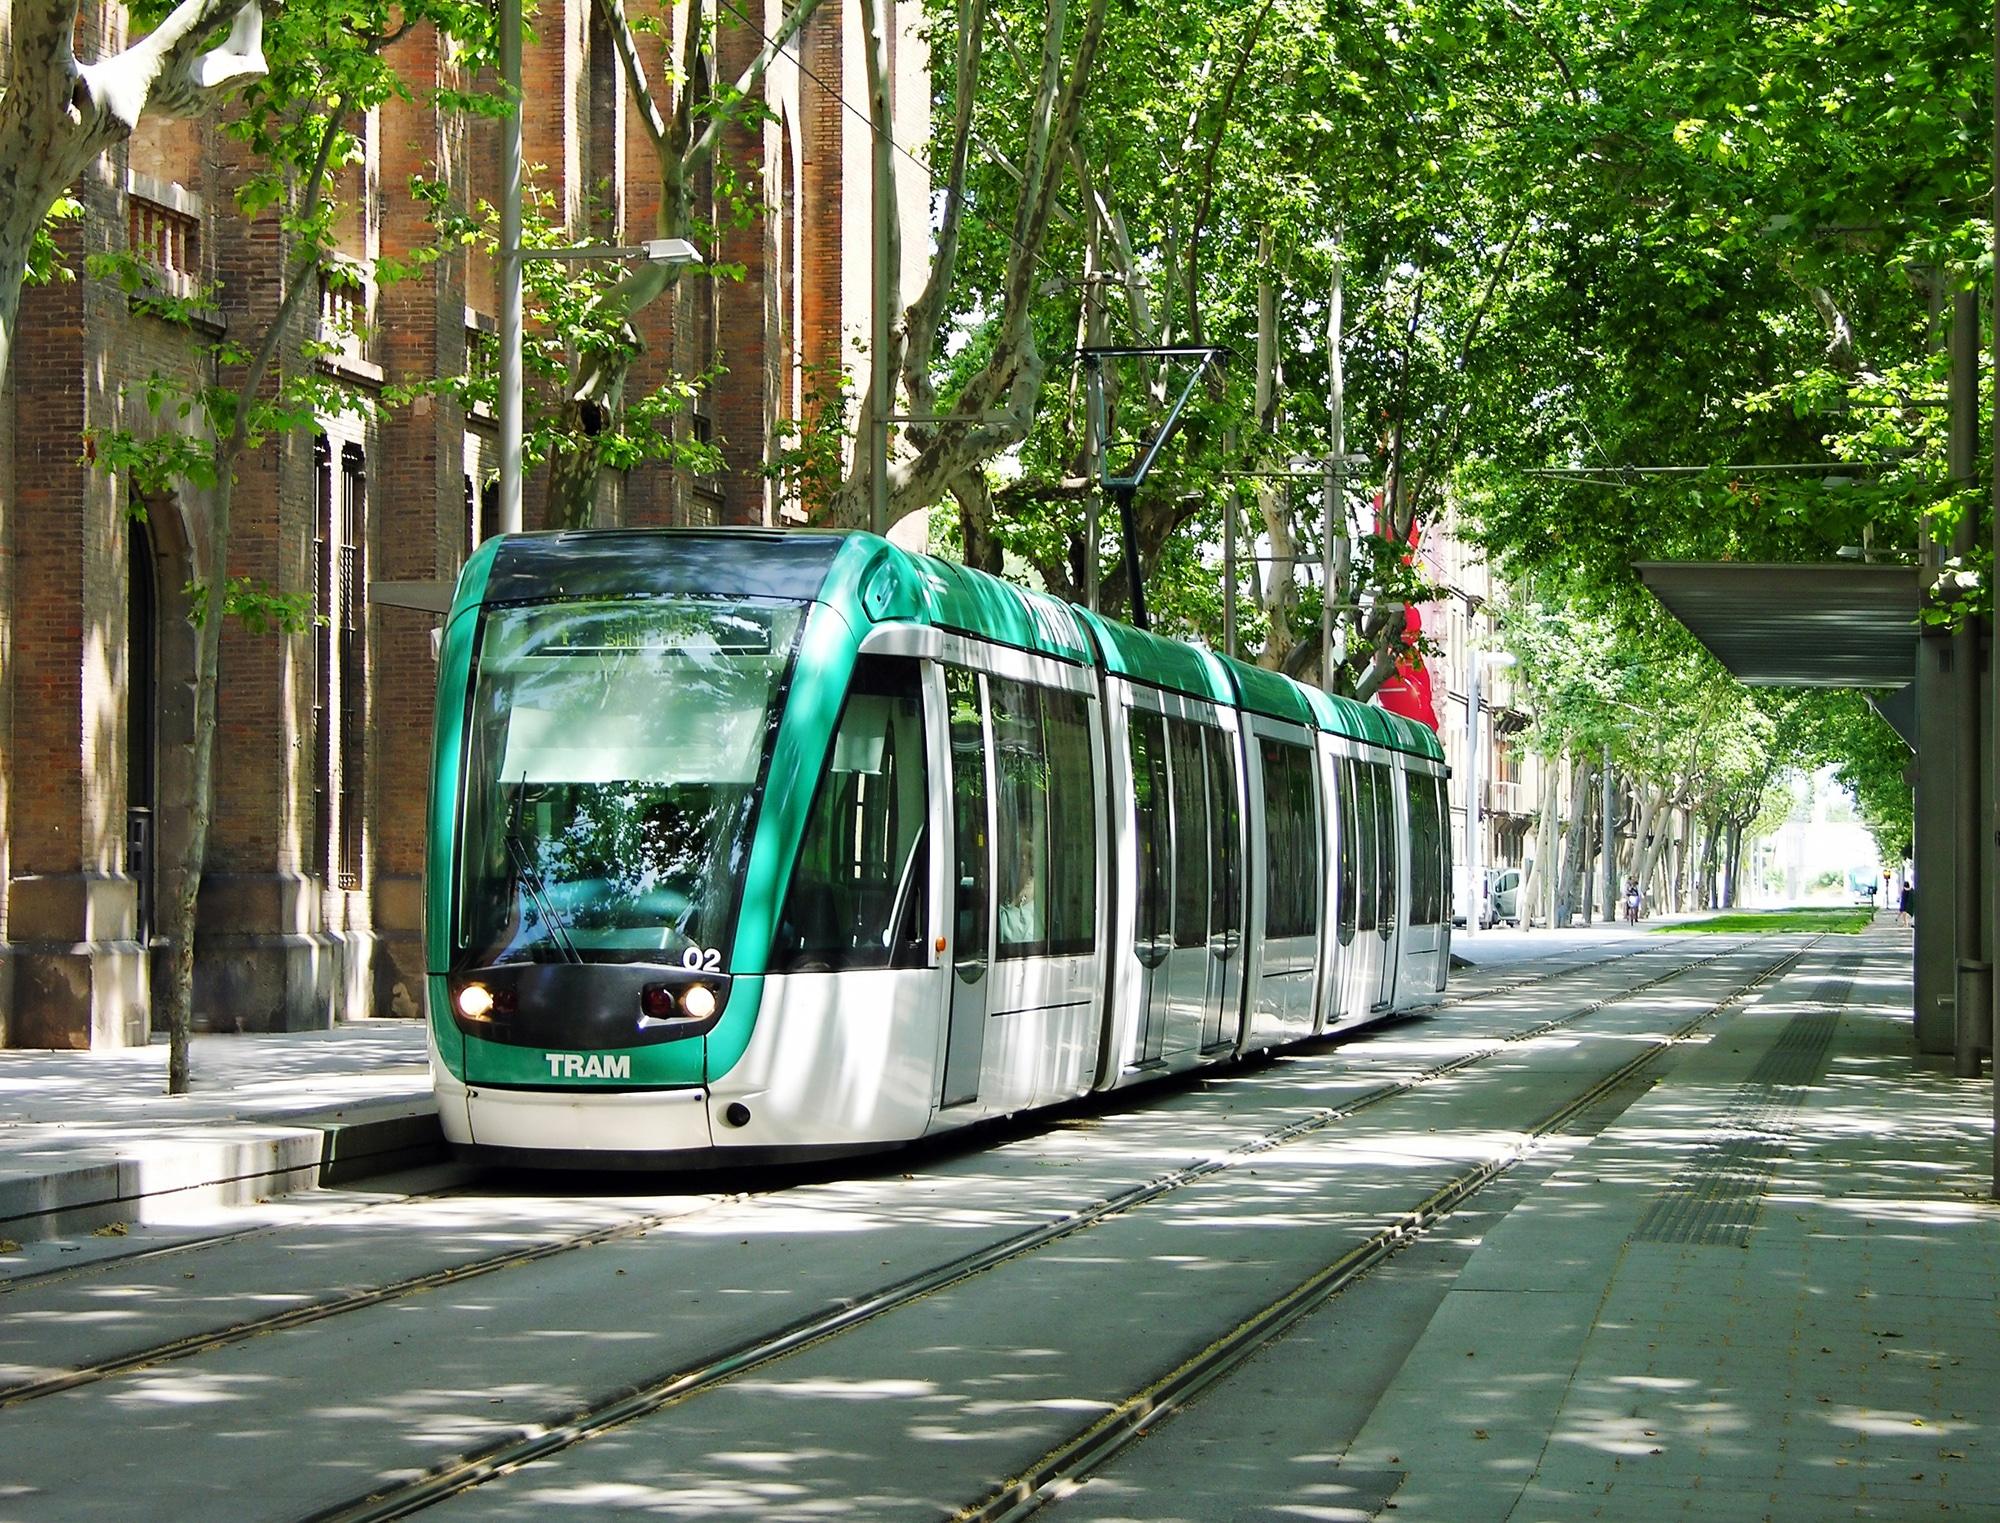 Strade più sicure: l'assistente alla guida elettronico per tram di Bosch thumbnail